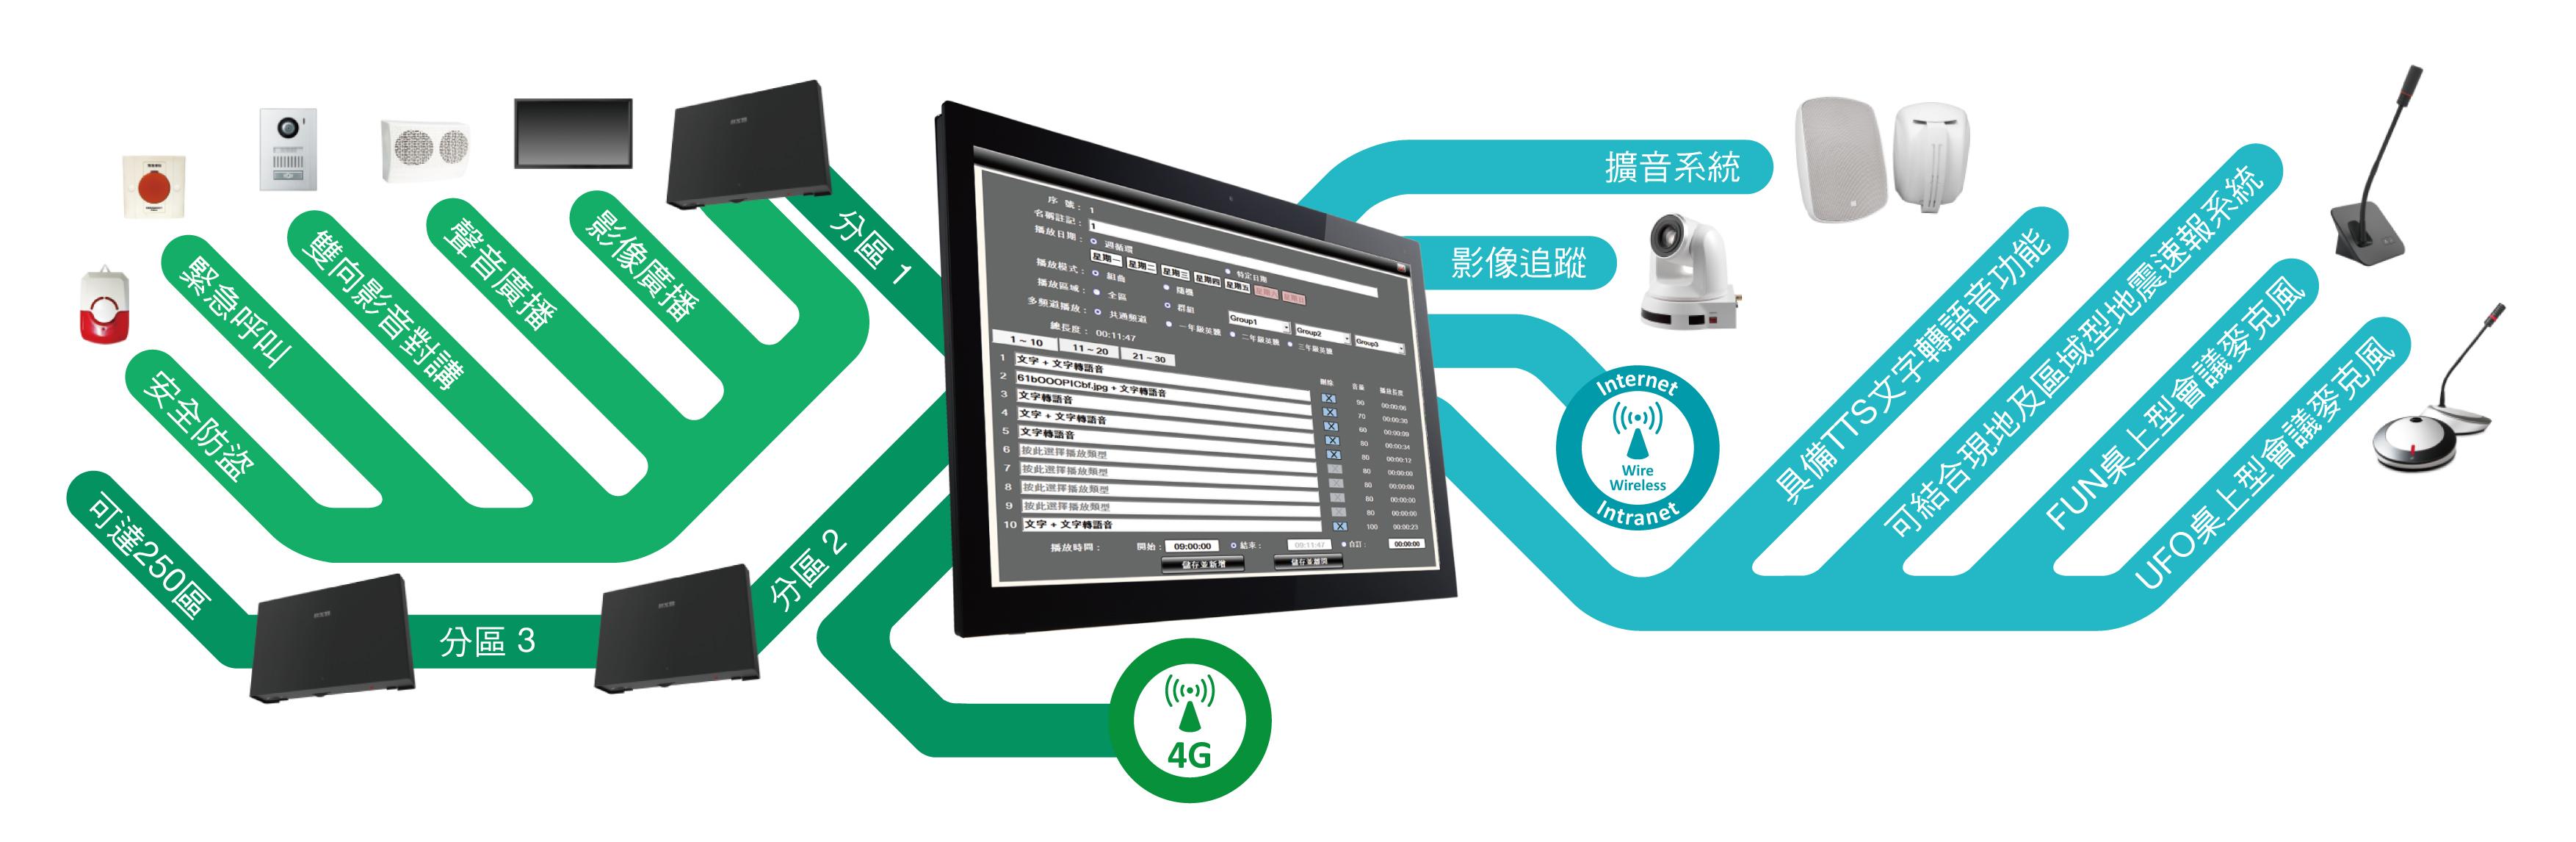 數位IP化校園廣播暨指揮系統圖控管理軟體